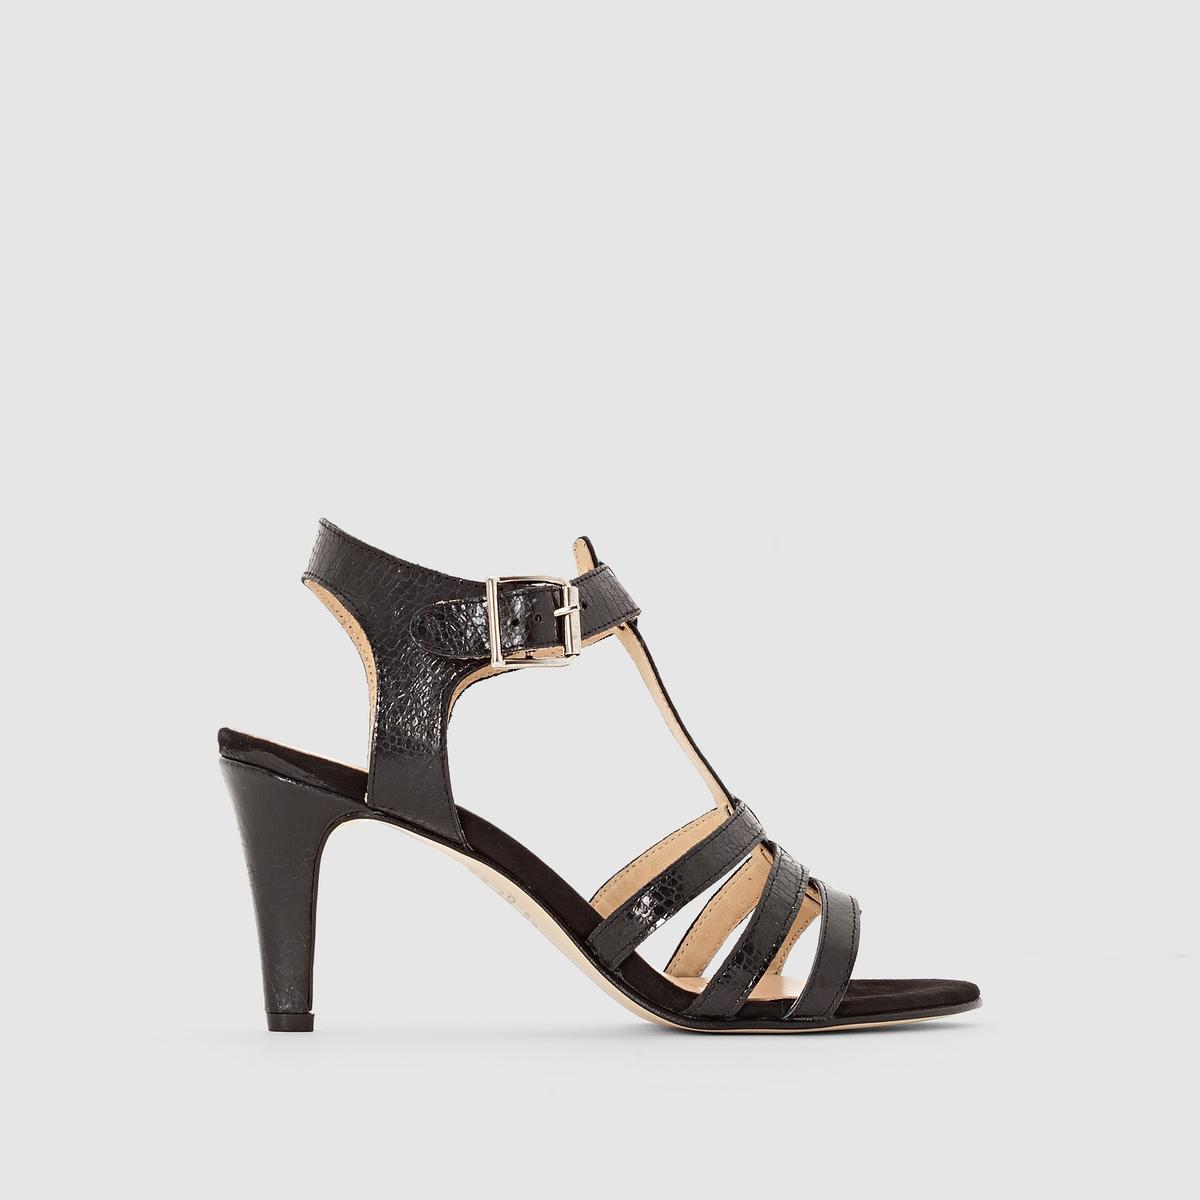 Туфли с ремешком вокруг щиколоткиПреимущества  : ремешок вокруг щиколотки, ламинированная кожа, очень женственные туфли JONAK в стиле нео-ретро.<br><br>Цвет: черный